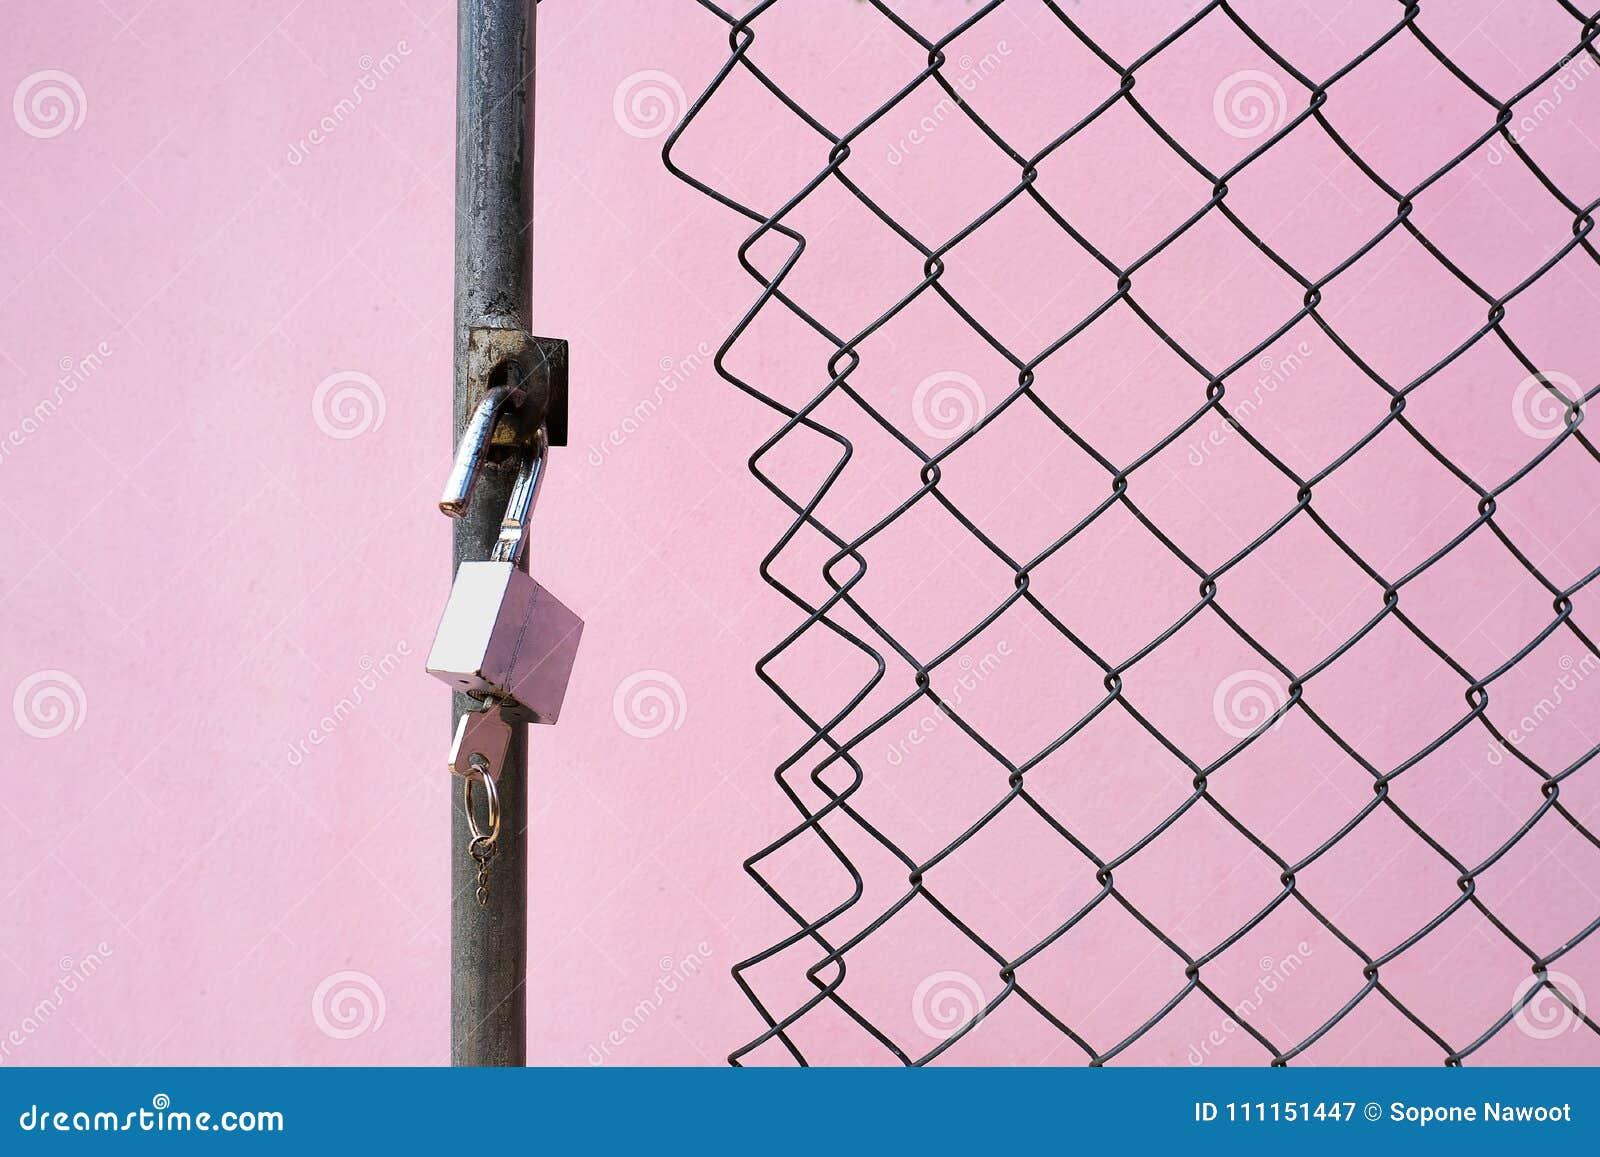 Ein Vorhängeschloß und ein Schlüssel am verdrahteten Tor